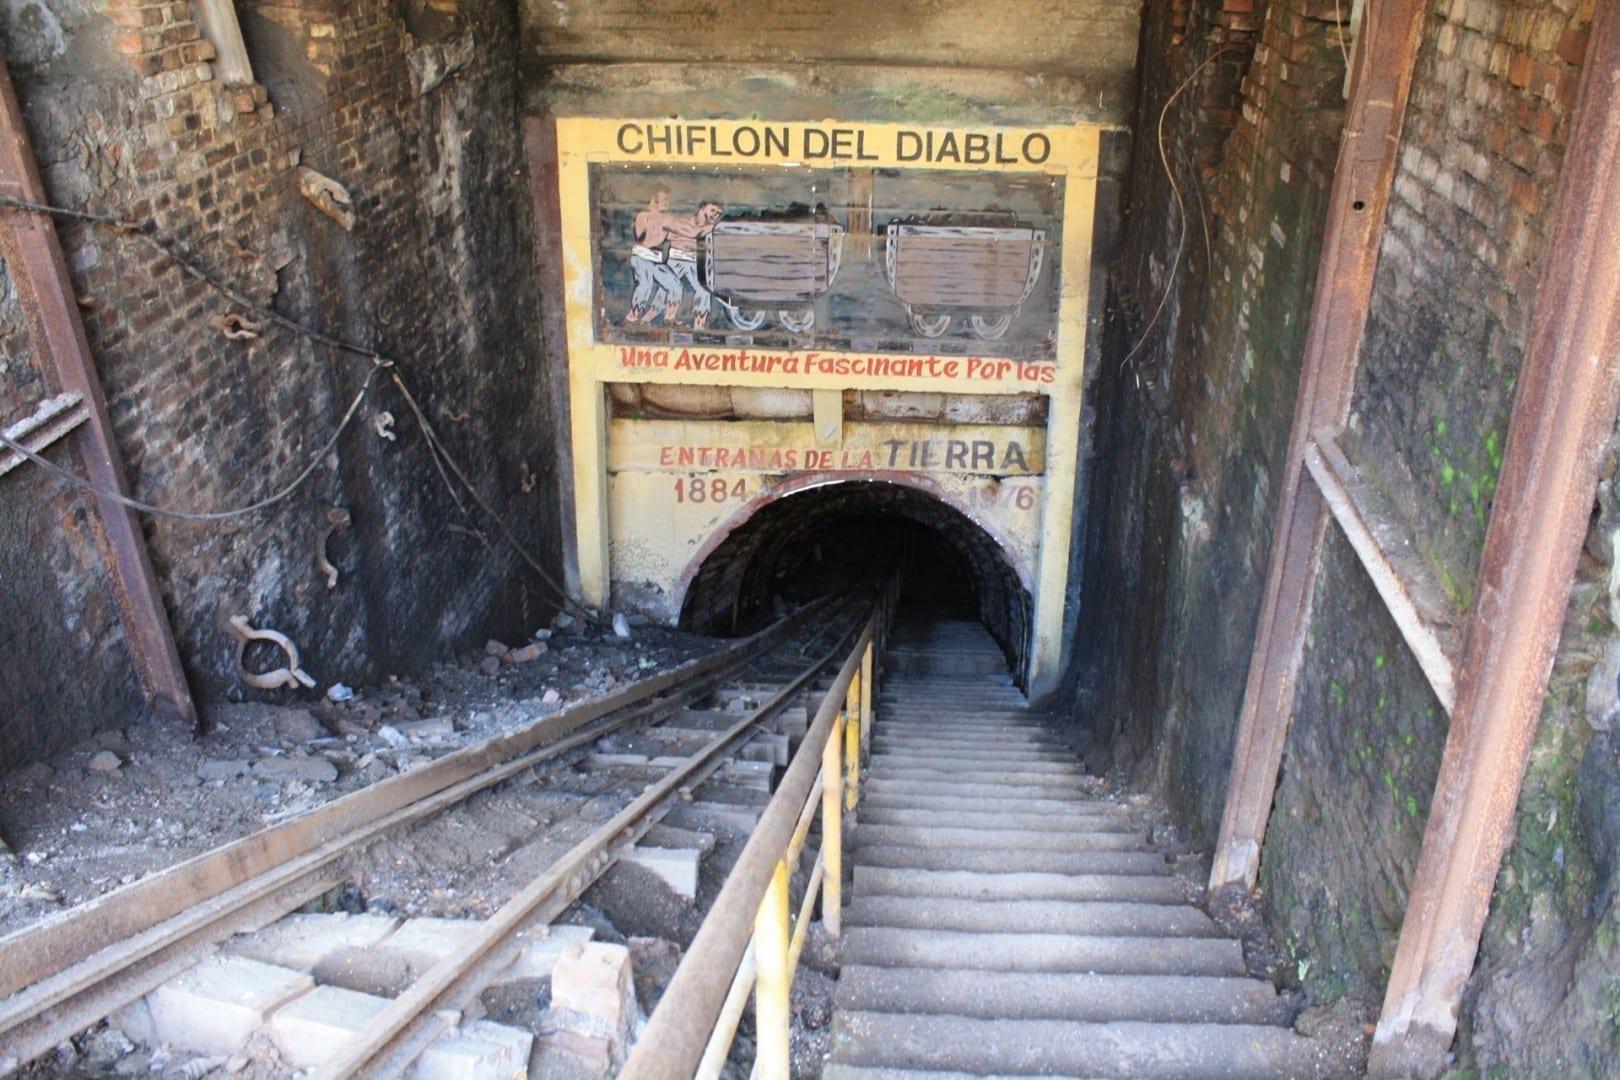 Chiflon del diablo Concepción Chile